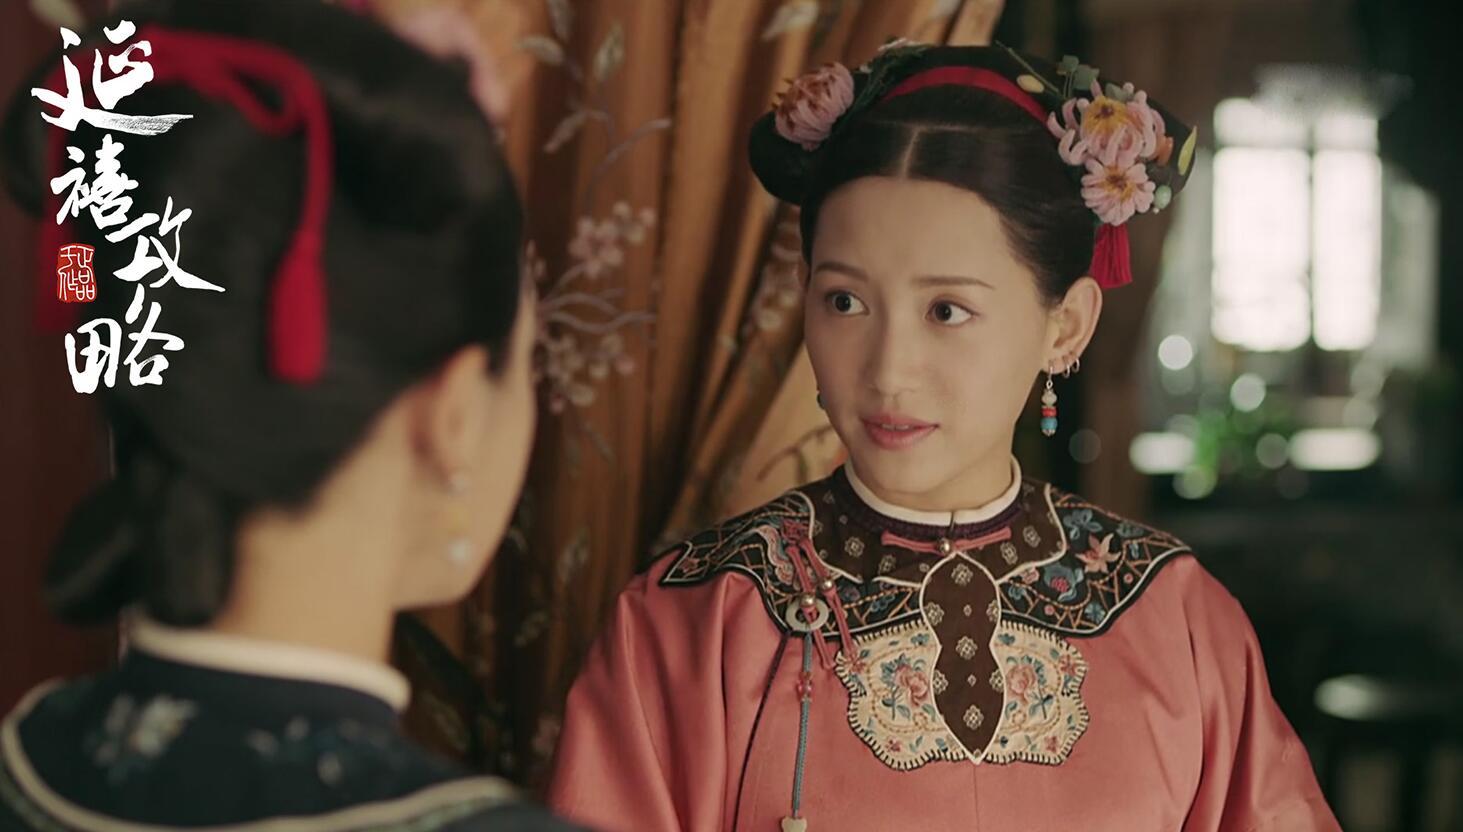 """苏青《延禧攻略》热播 """"小棉袄""""尔晴满眼都是爱"""